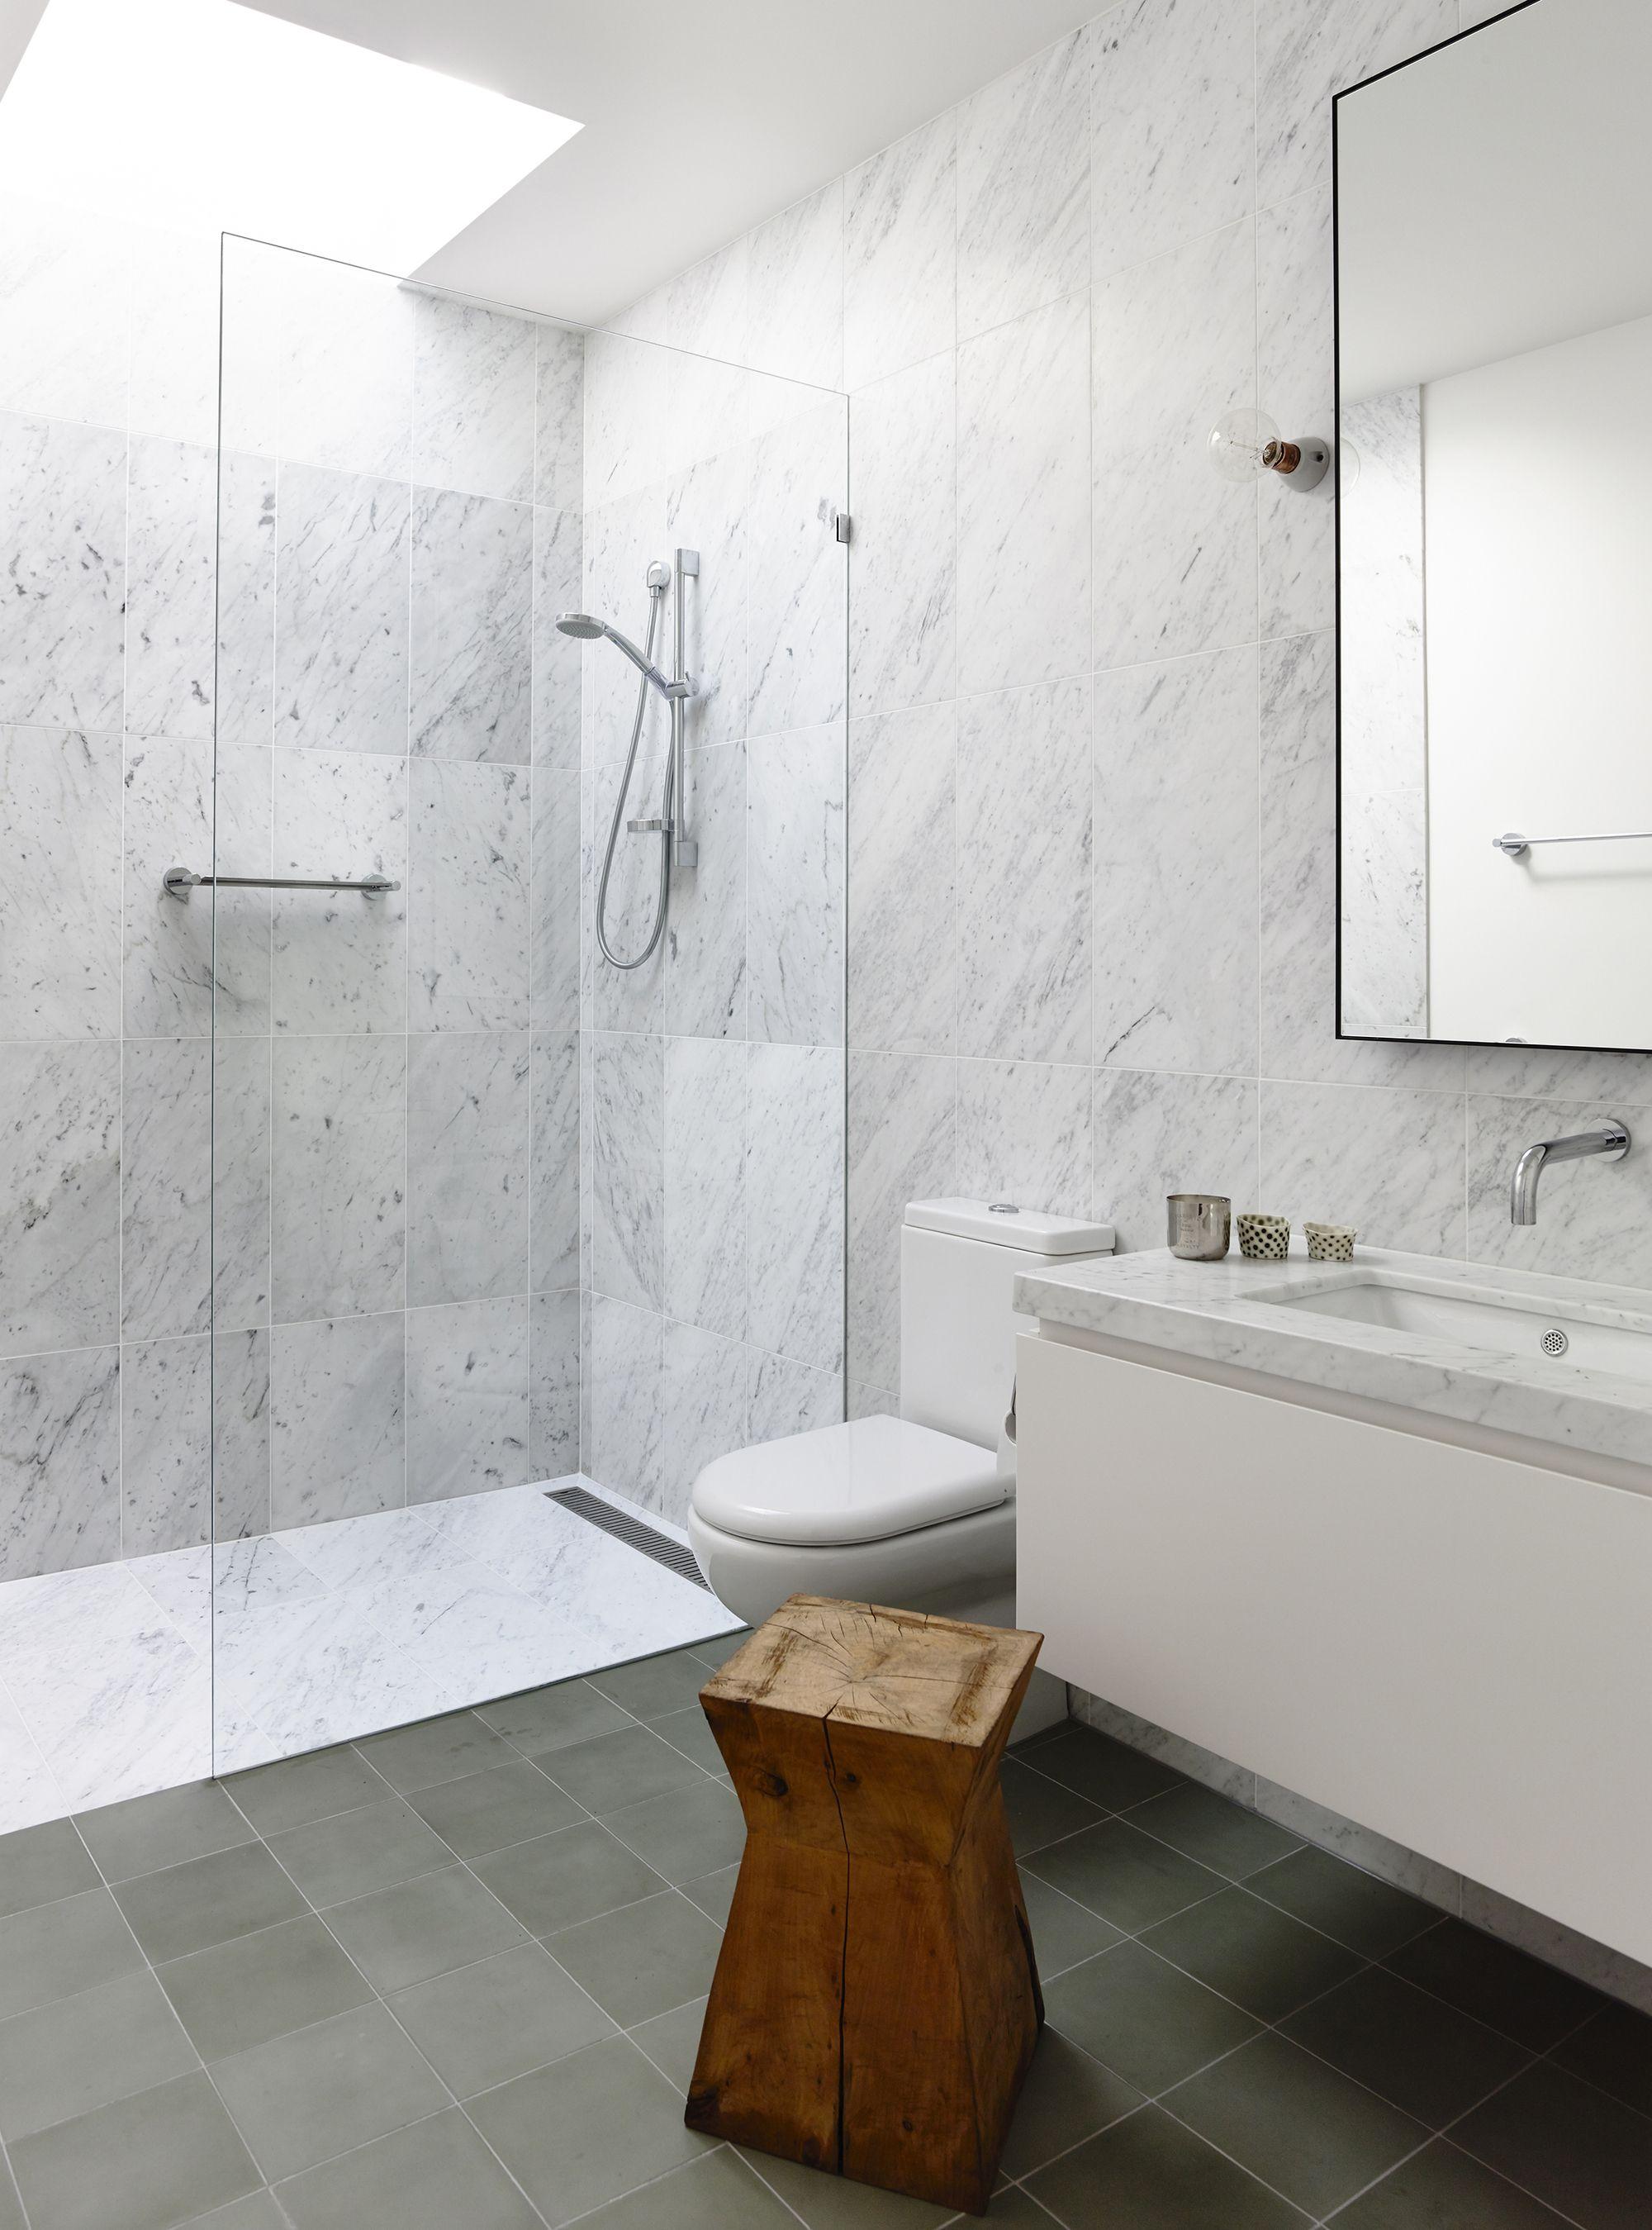 galería de vivienda fairbairn / inglis architects - 10 | baños